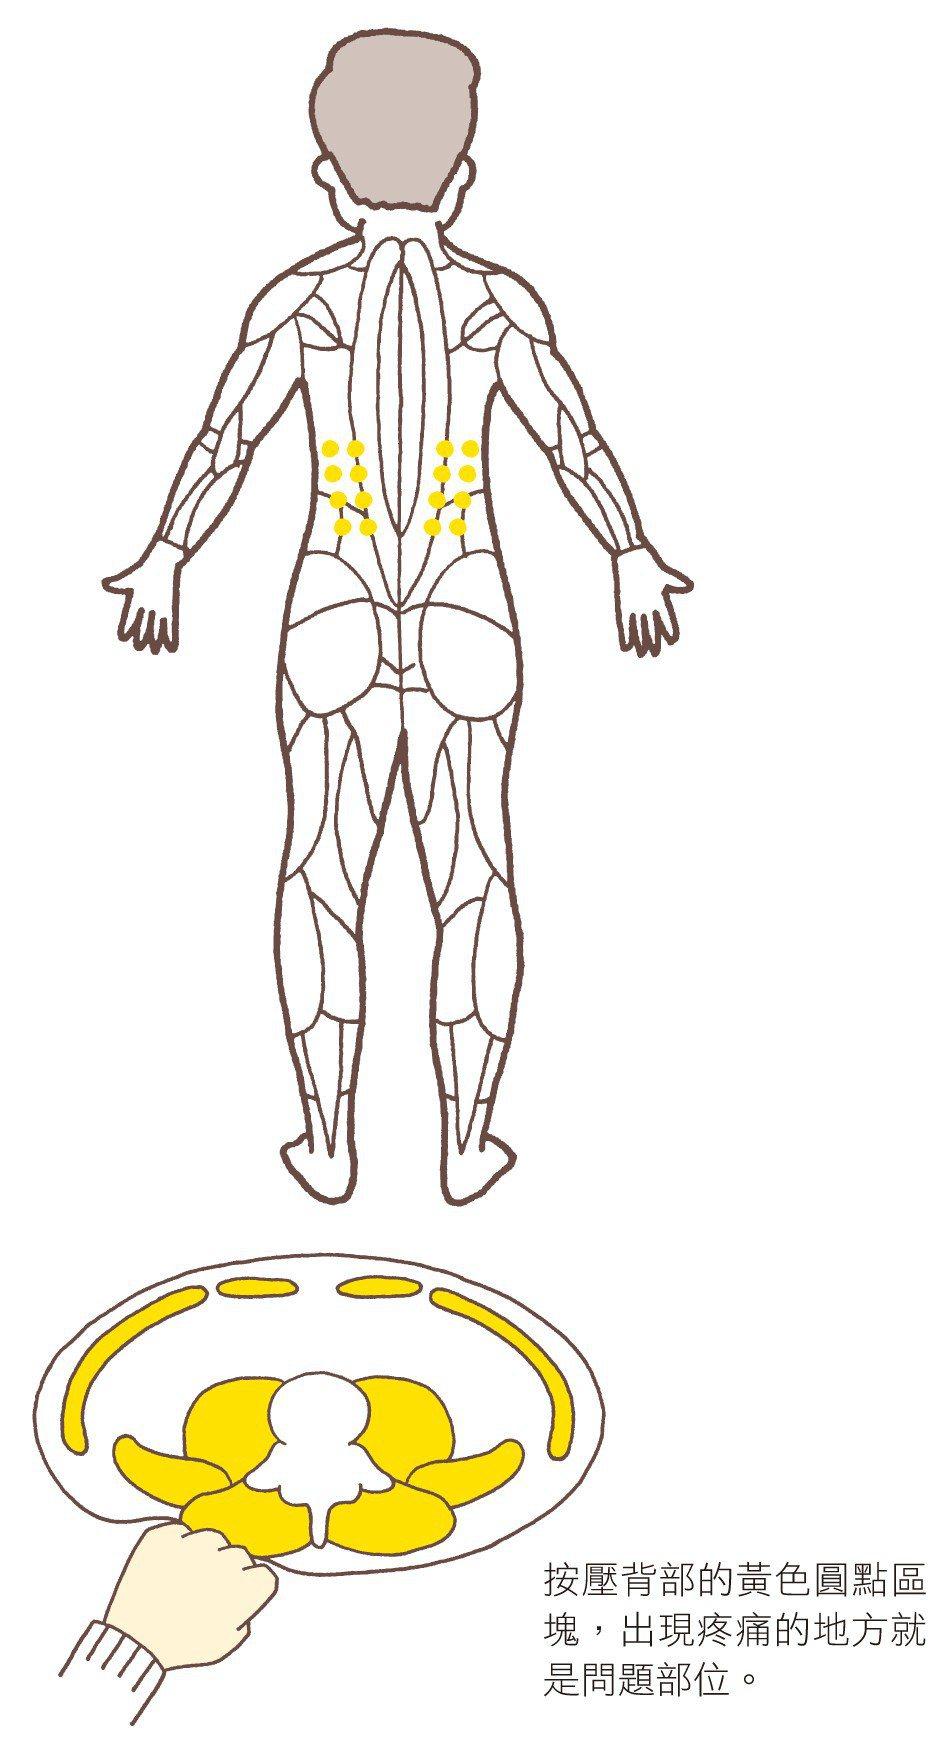 圖/摘自《根治腰痛自癒操:復健科醫生首創疼痛導航,教你每天1動作,只要3分鐘,免...